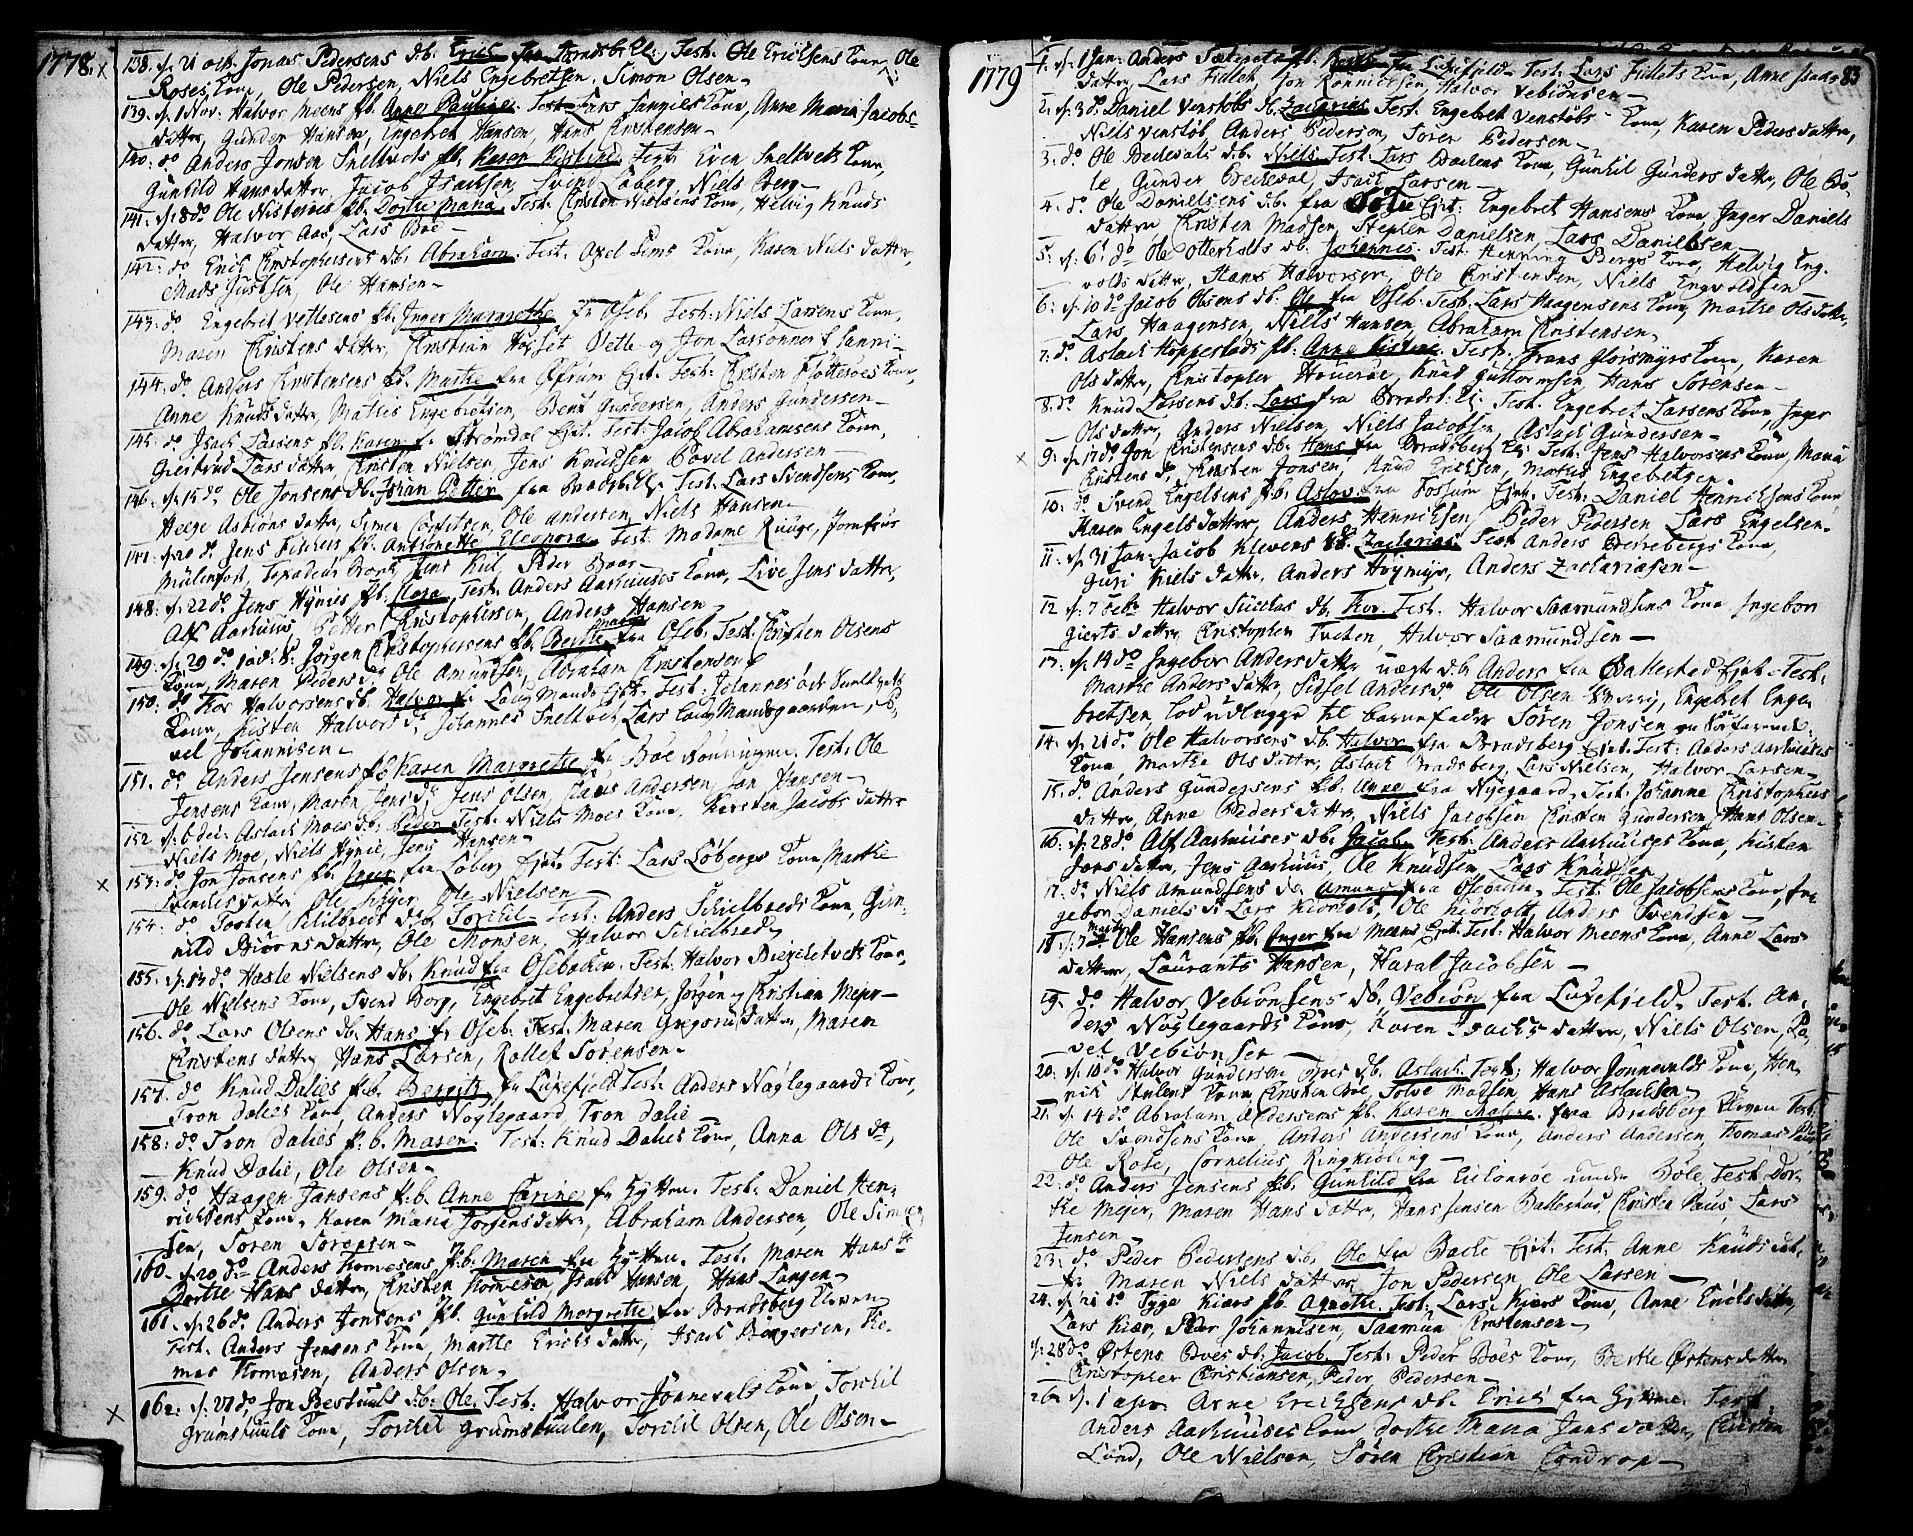 SAKO, Gjerpen kirkebøker, F/Fa/L0002: Ministerialbok nr. 2, 1747-1795, s. 83